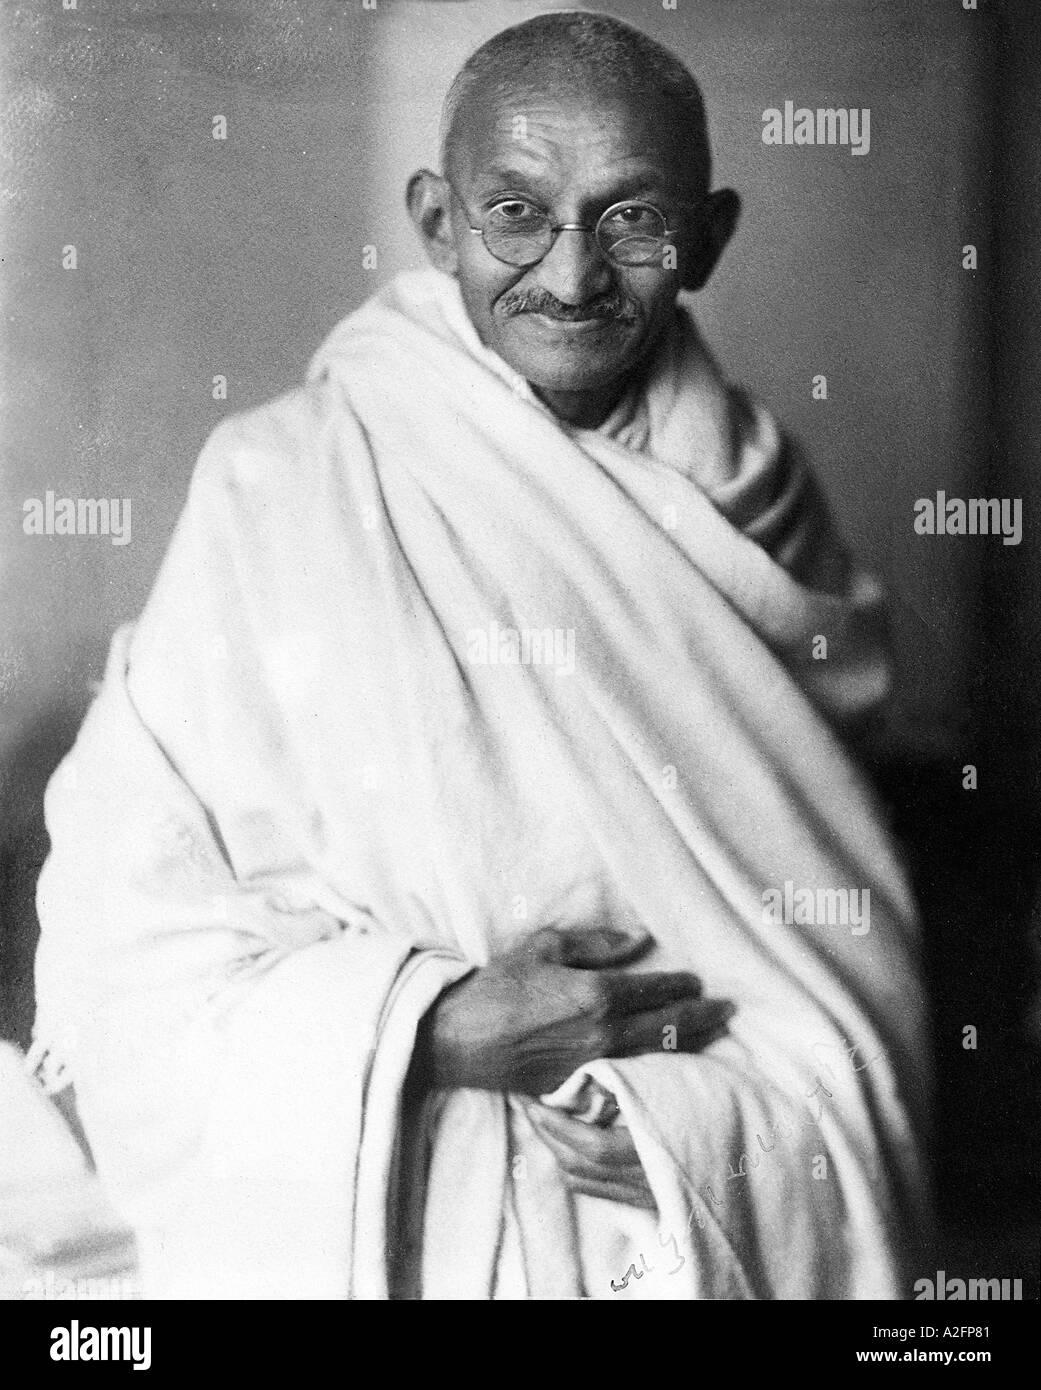 Seltene Studio Foto von Mahatma Gandhi auf Antrag des Herrn Irwin 1931 in London England Großbritannien genommen Stockfoto